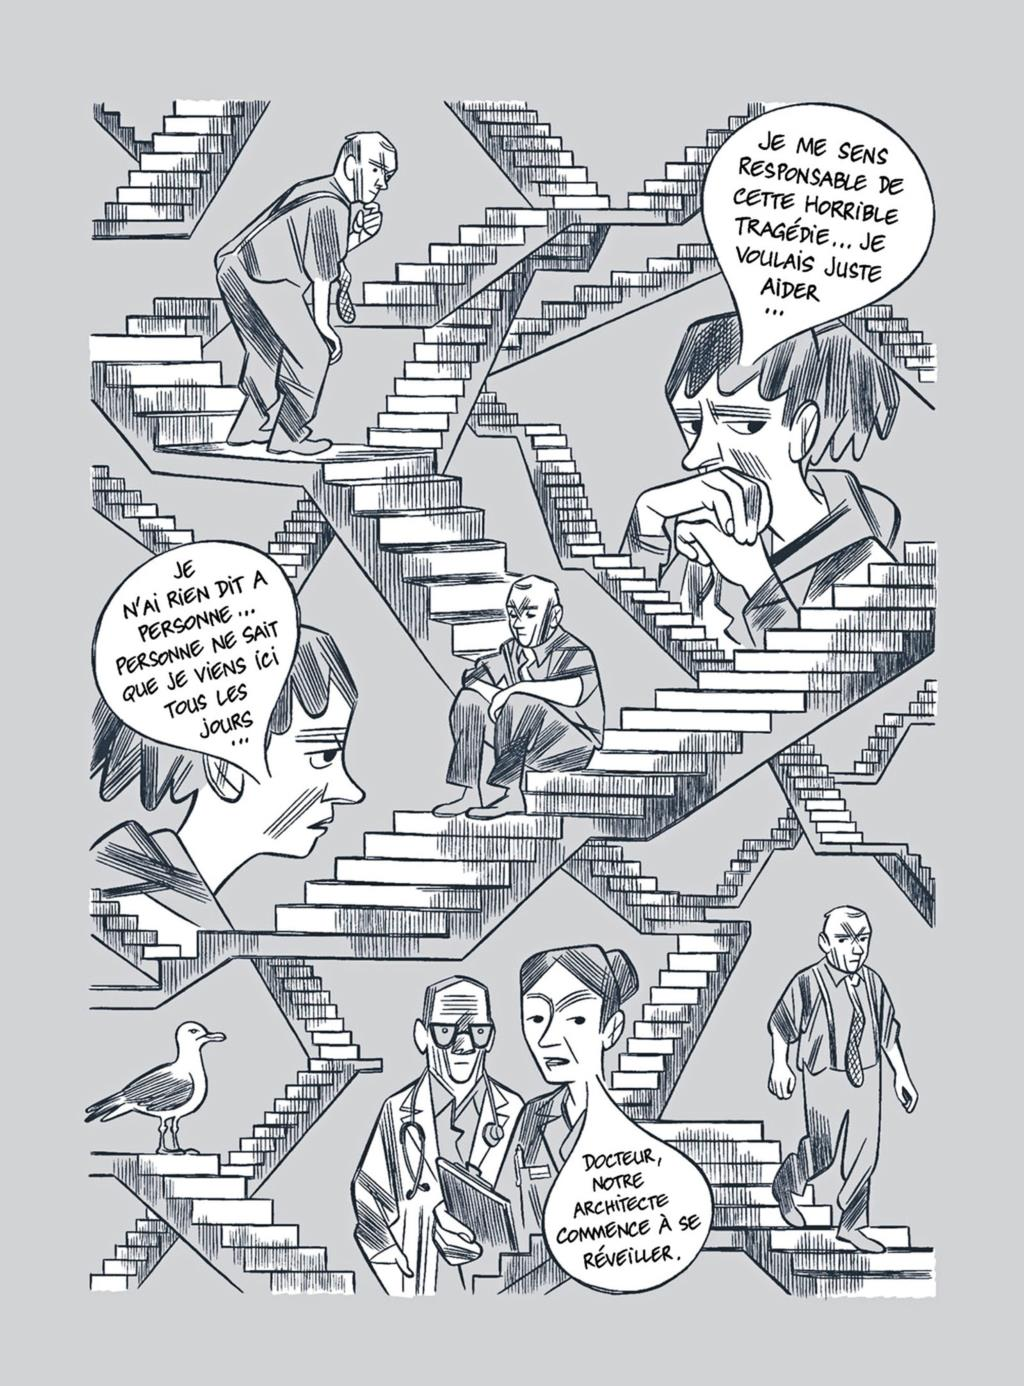 PÚBLICO - A vida de um arquitecto